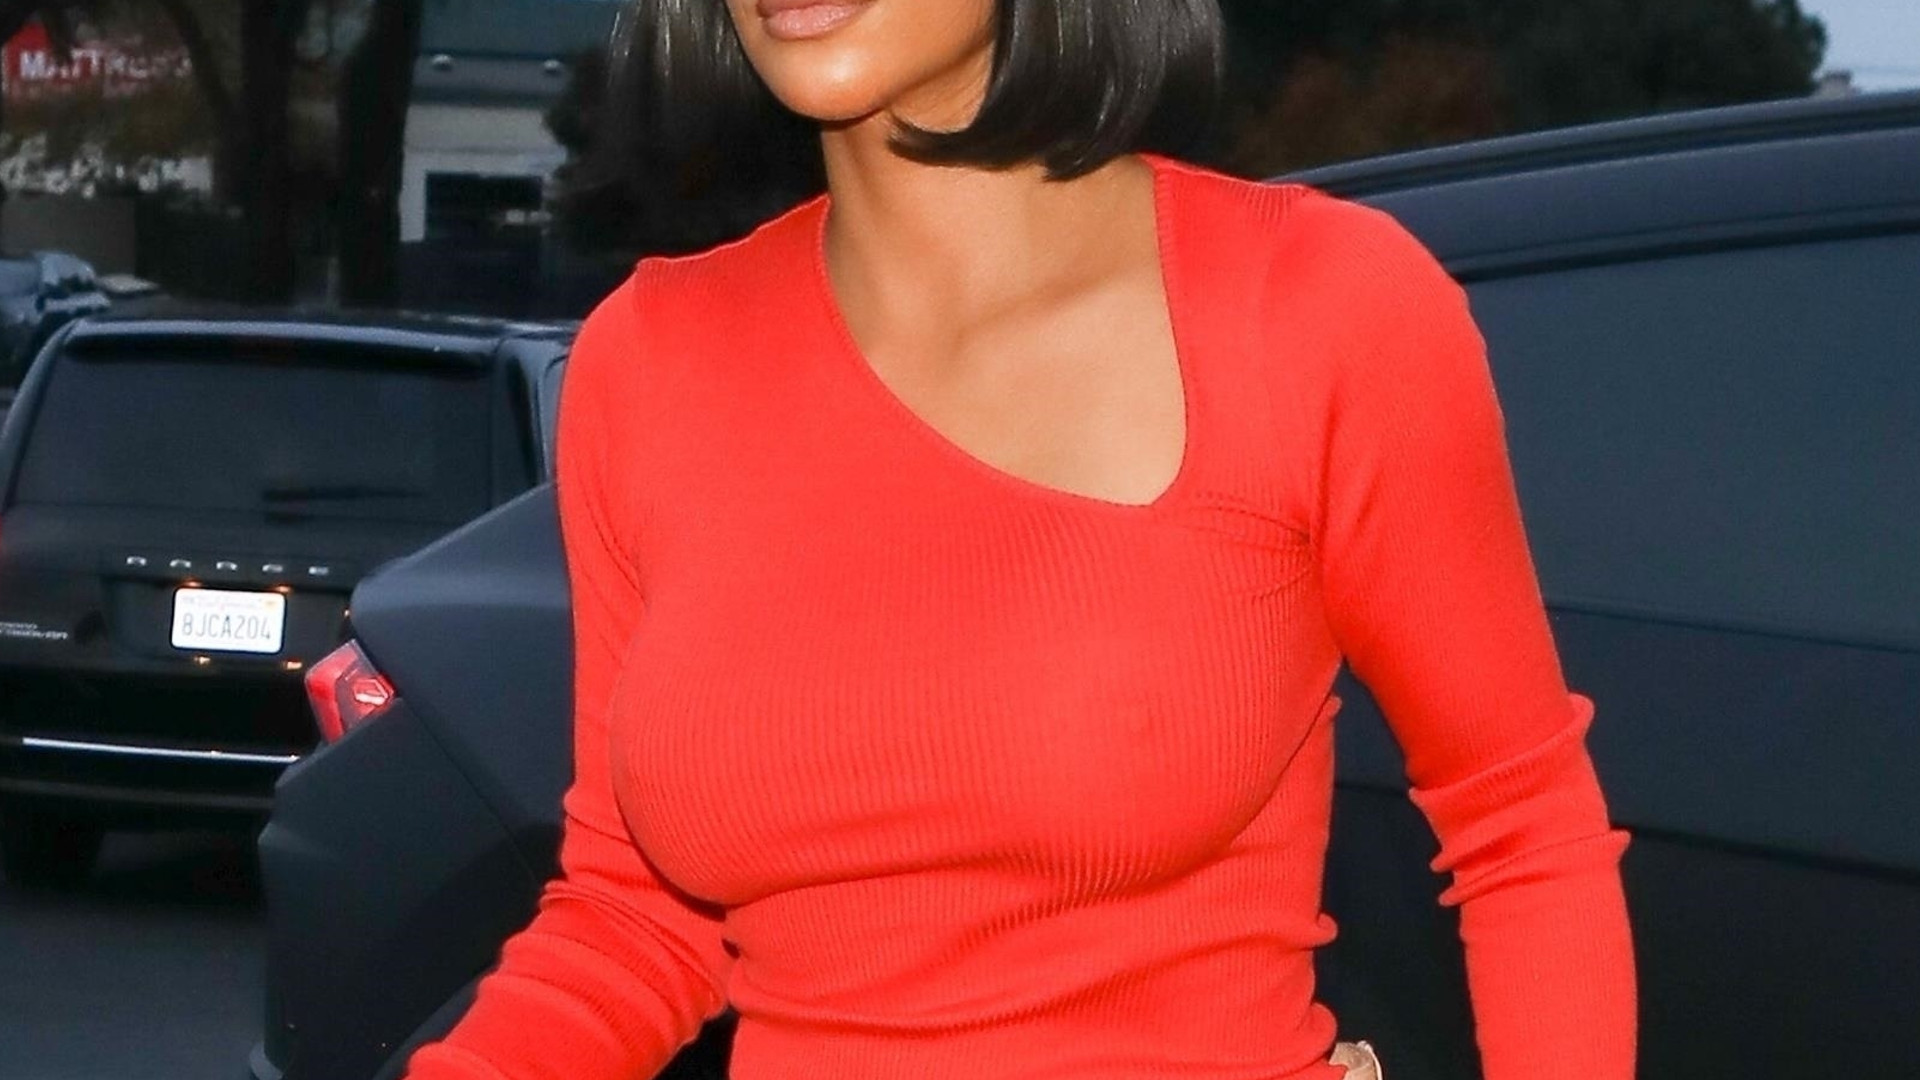 W tym makijażu Kim Kardashian naprawdę można się zakochać (ZDJĘCIA)